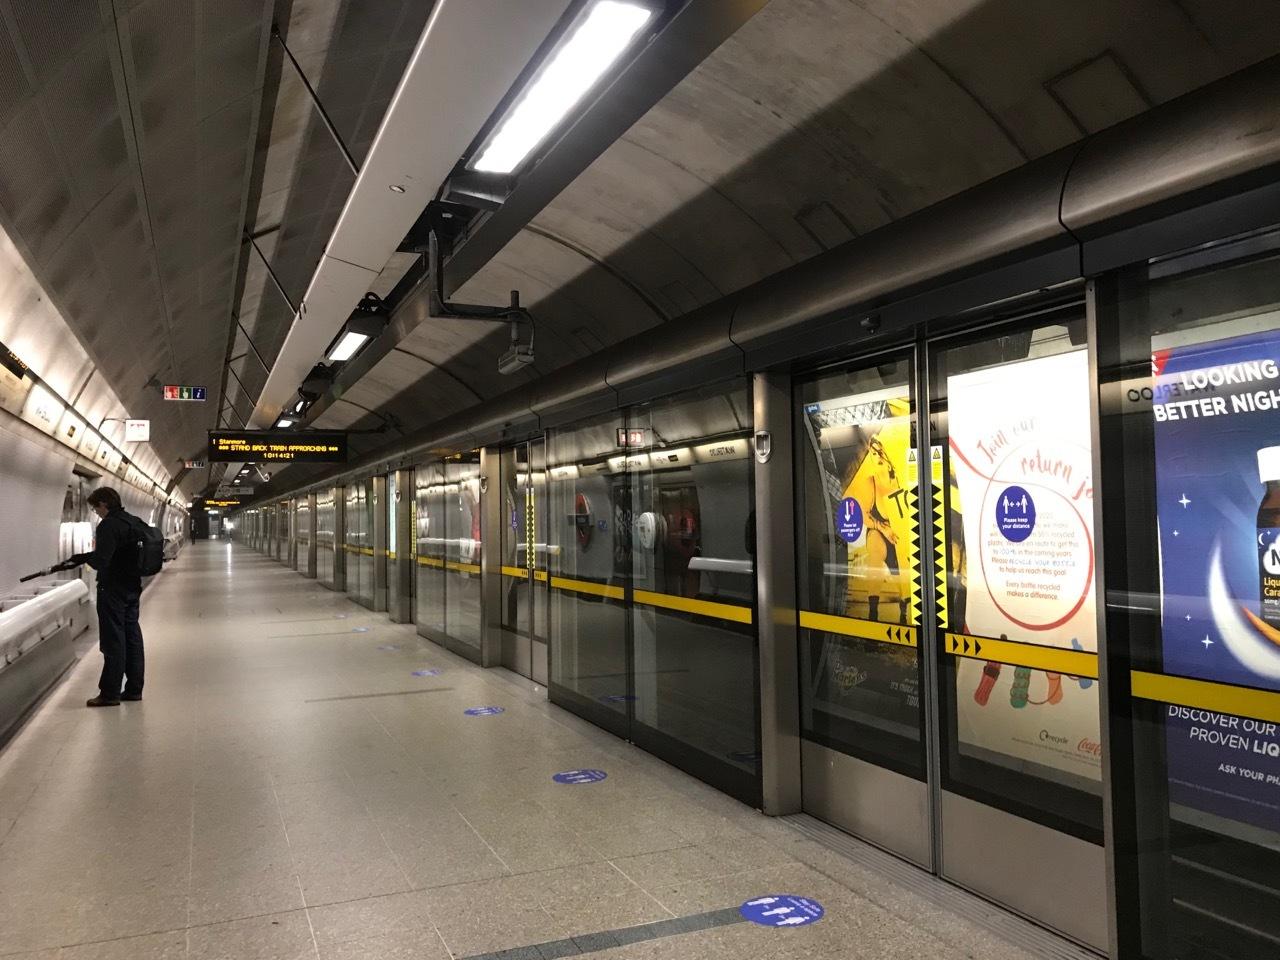 4ヶ月ぶりに乗ったバス、電車、地下鉄_e0114020_19505529.jpg